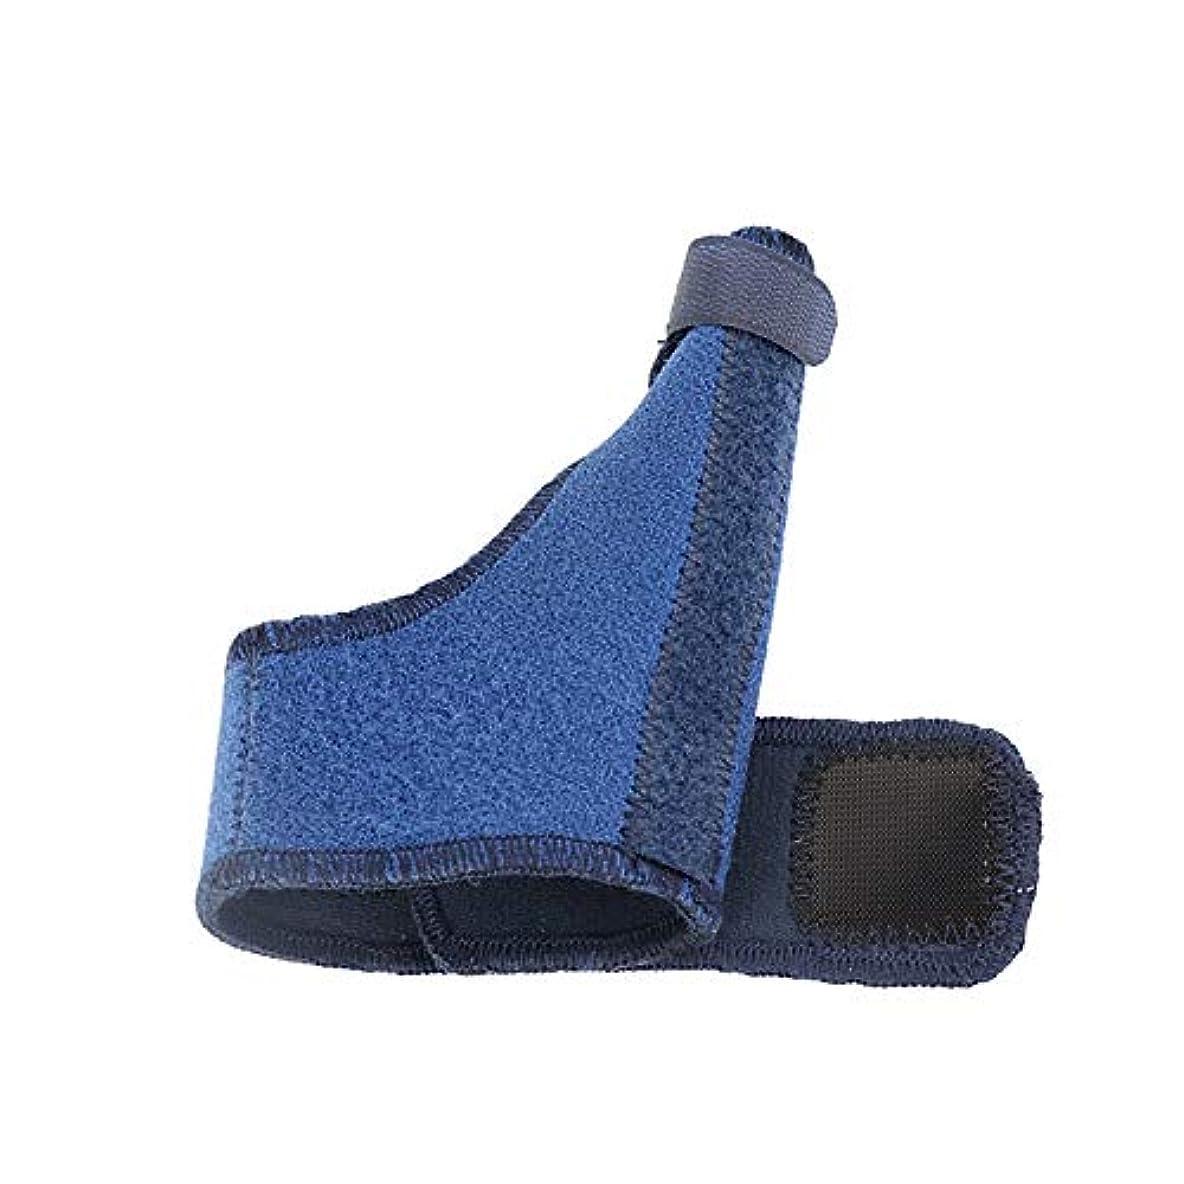 ハブブ塩活力ZYL-YL 手首カバー親指ジャケットスチールストリップ固定親指ストラップスポーツリストバンド手首のサポートフィンガースプリント (色 : 青, Edition : Right)